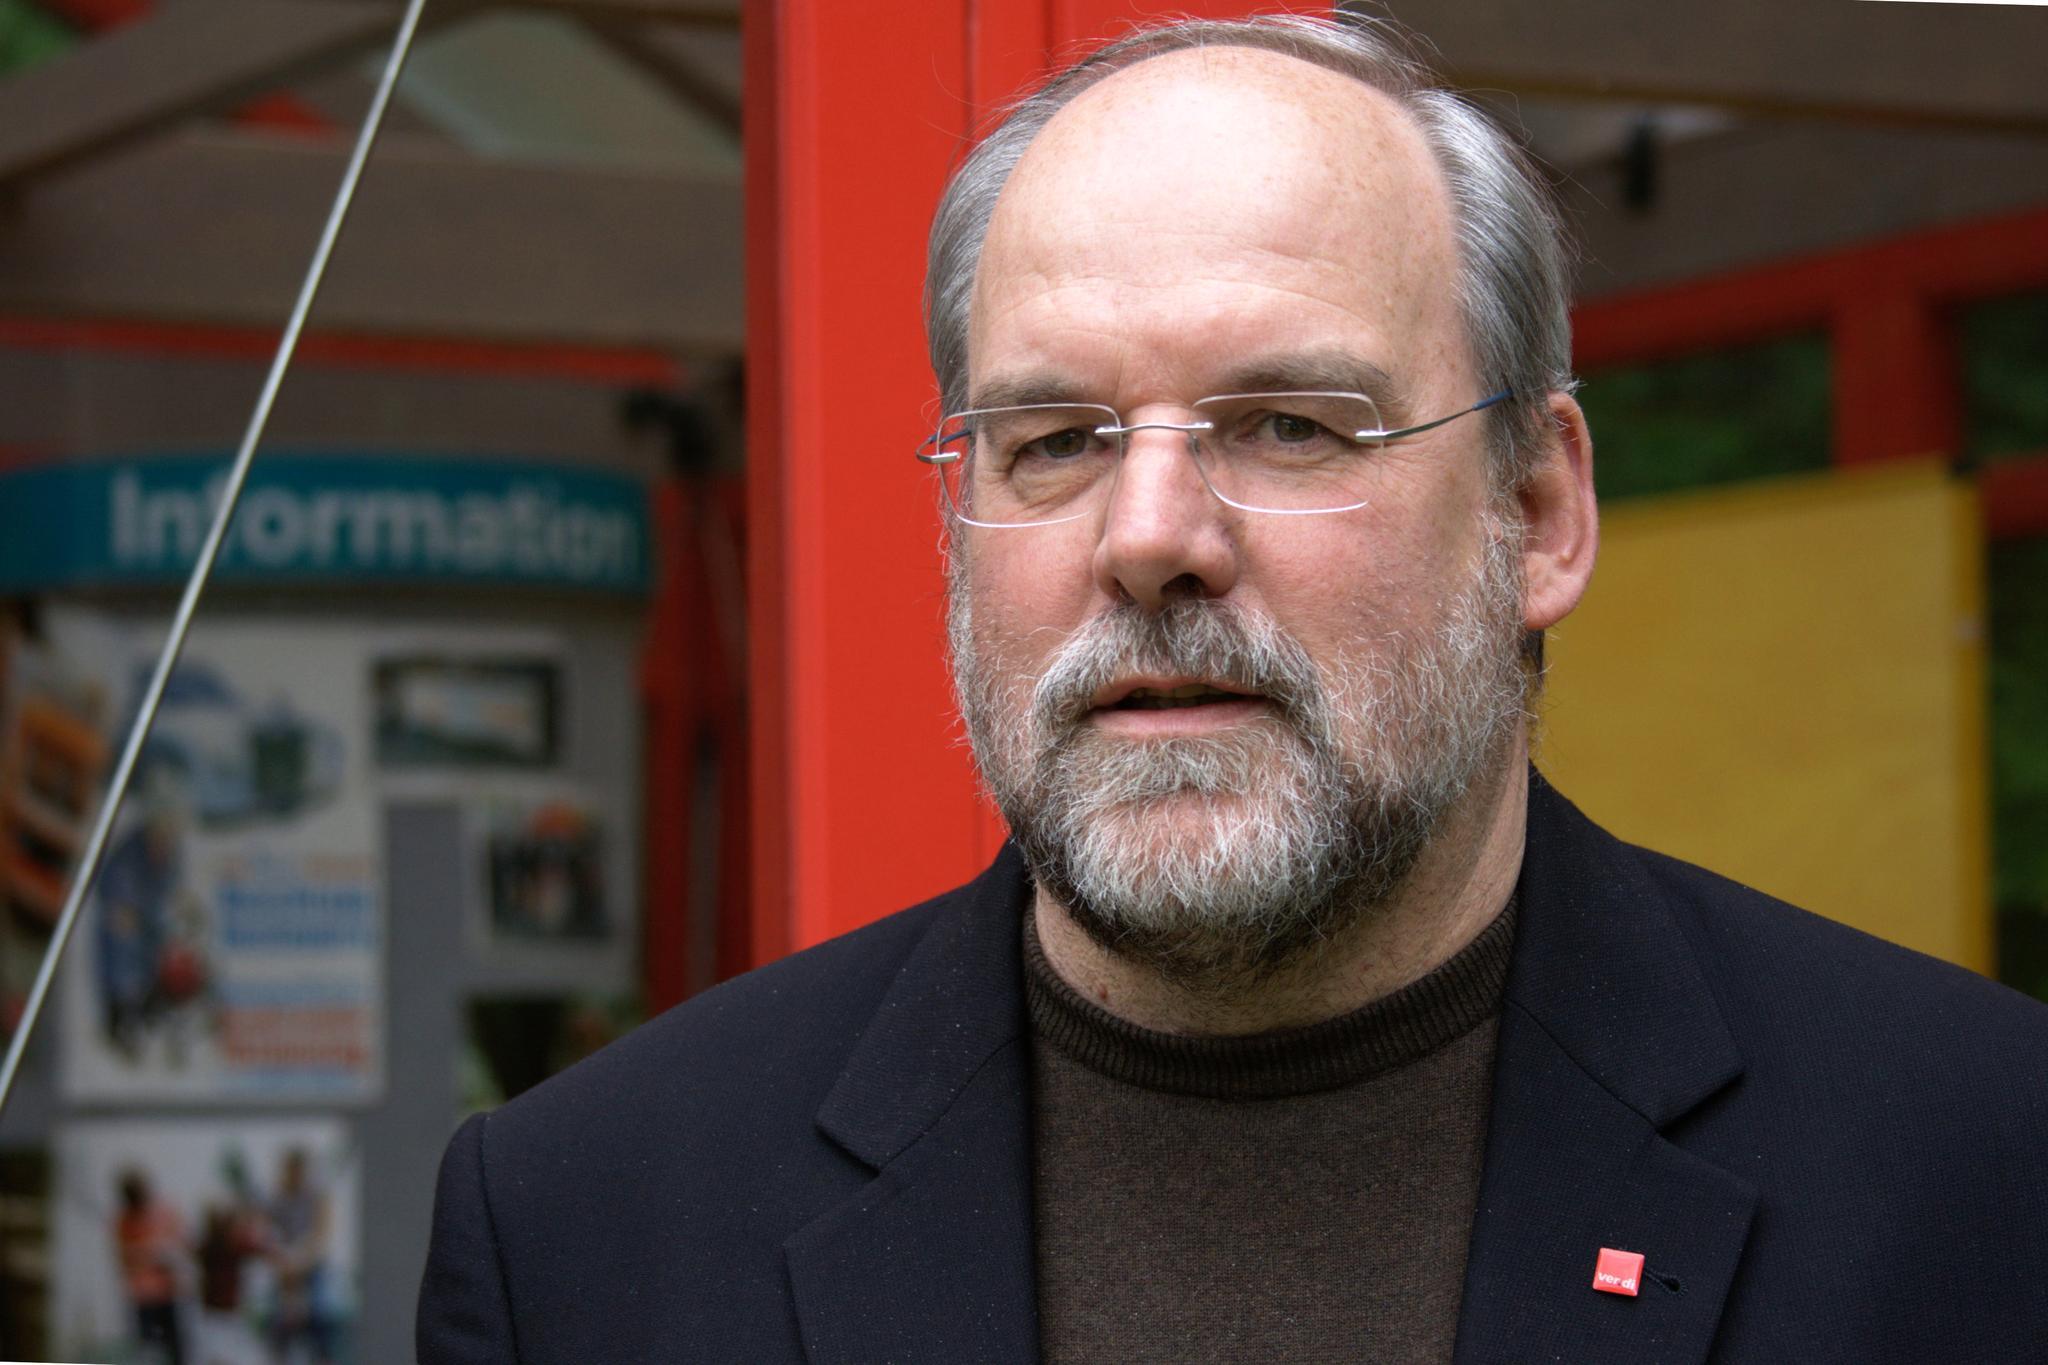 Dirk Toepper